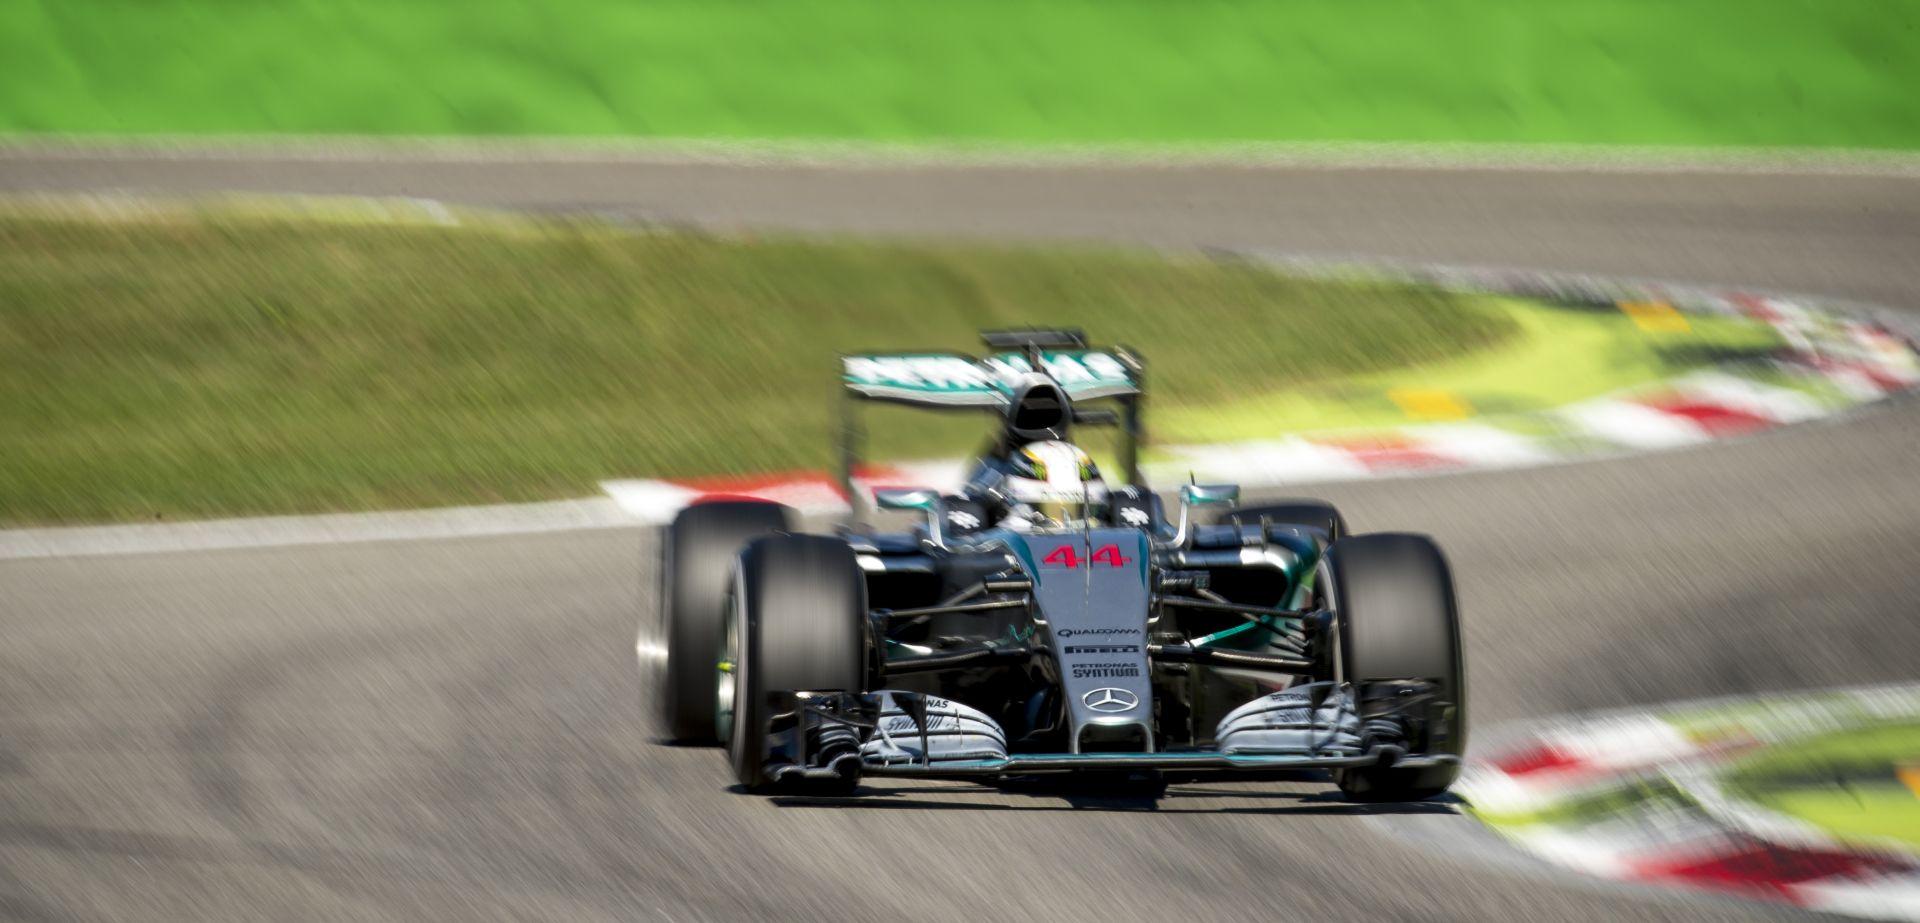 Mercedes: Álljon meg a menet, Hamilton még nem világbajnok!